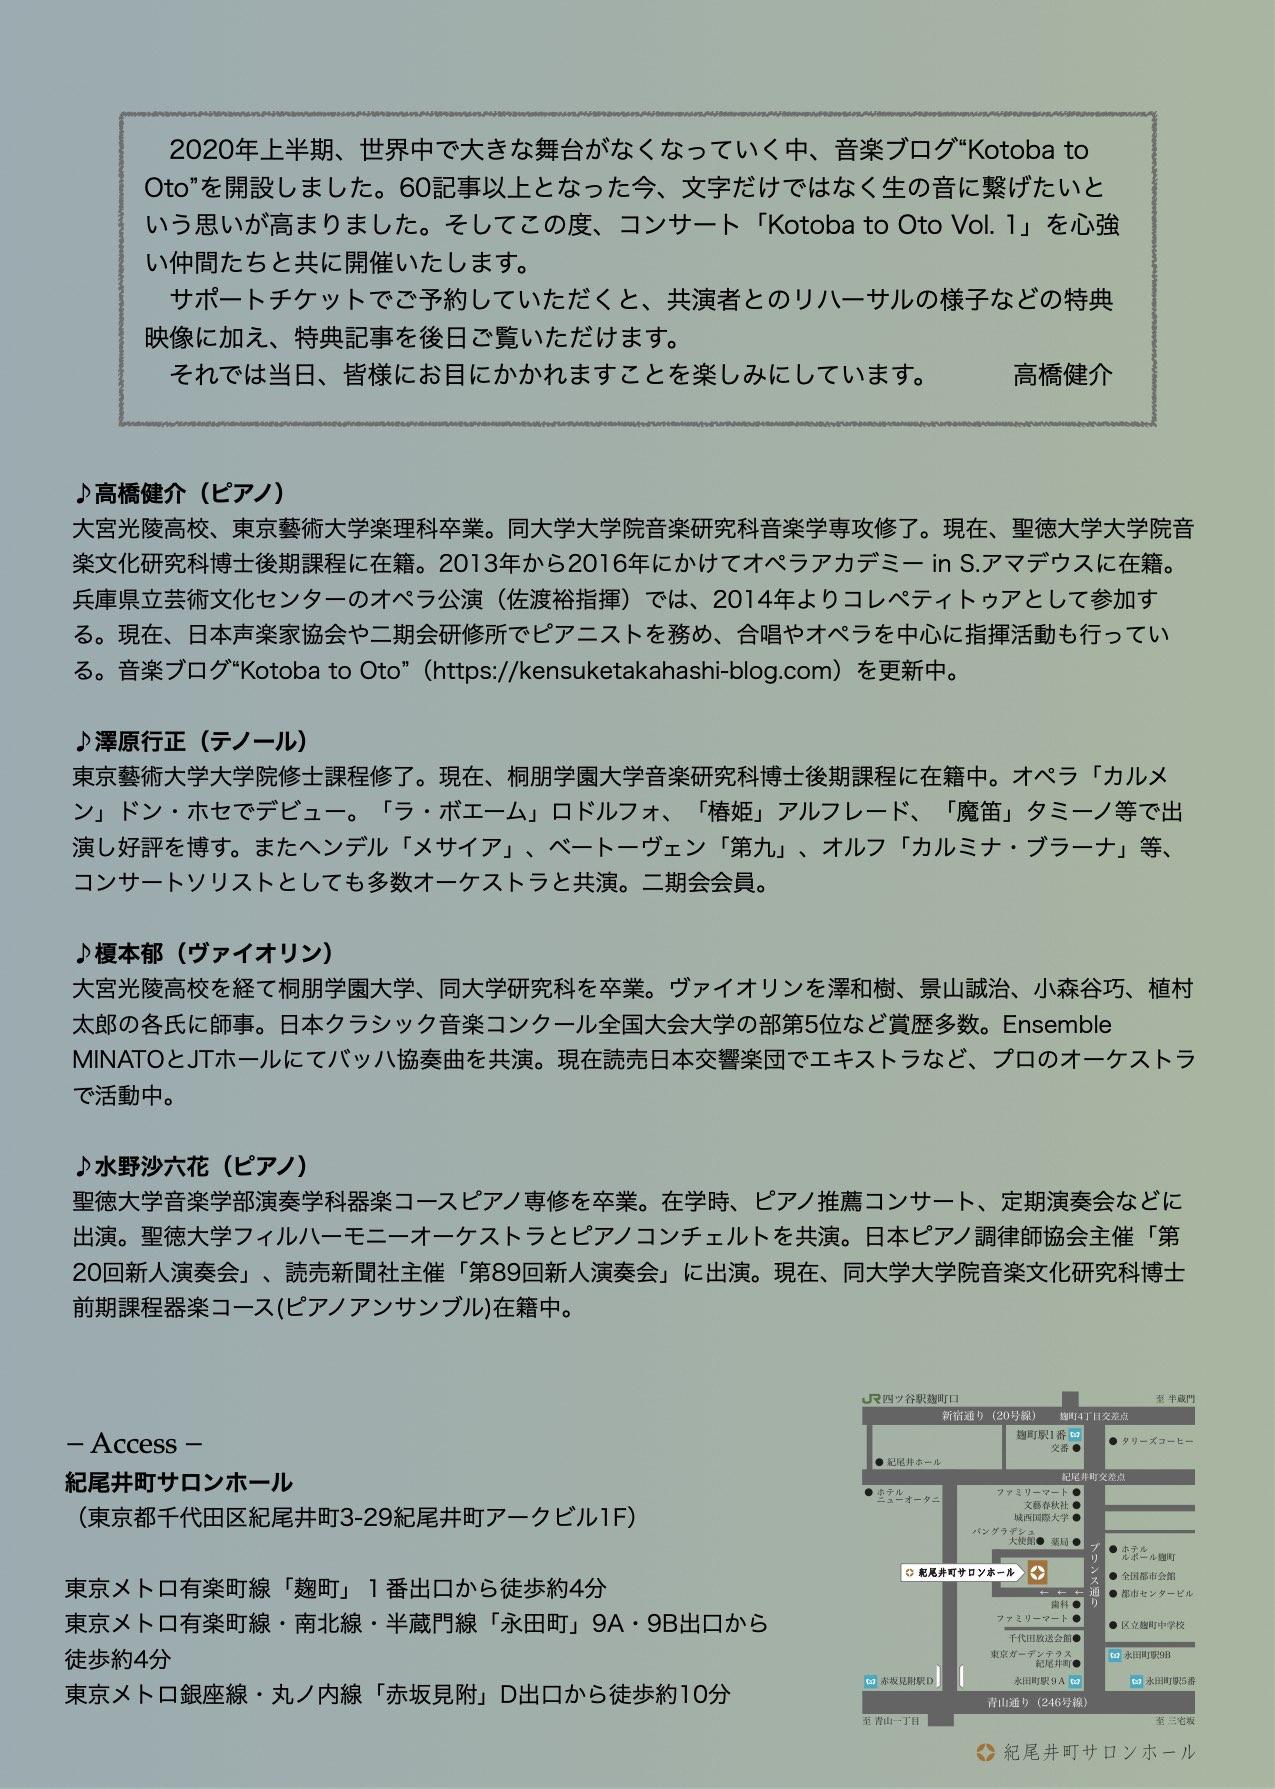 高橋健介主催による「Kotoba to Oto vol.1」【オンライン配信あり】